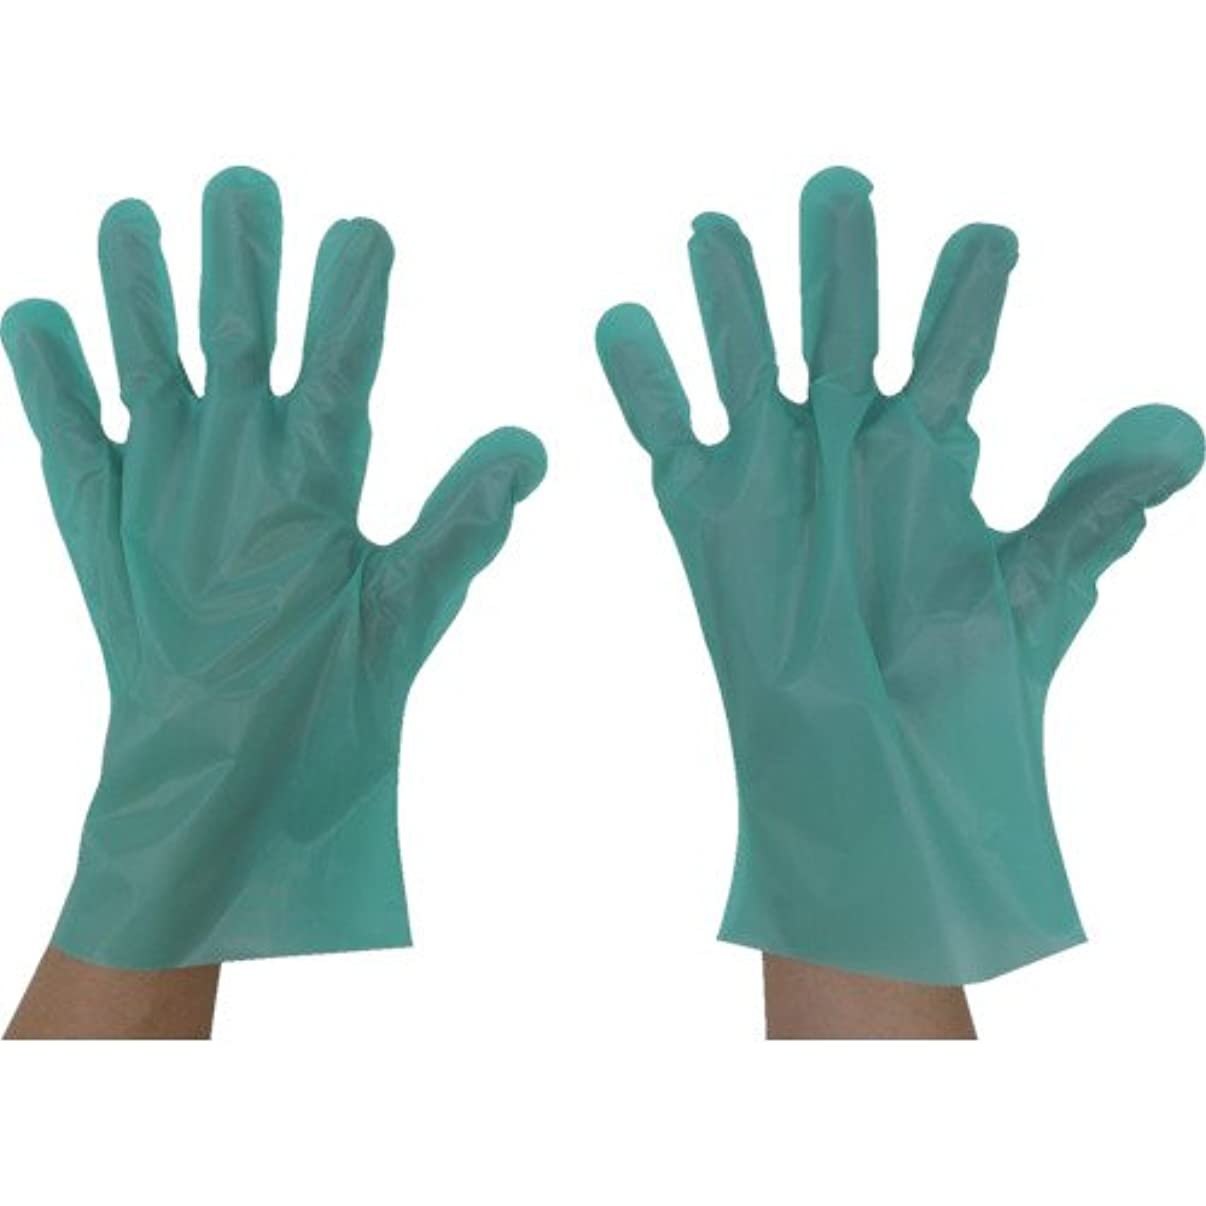 便宜矢印確率東京パック エンボス手袋五本絞りエコノミー化粧箱L グリーン GEK-L